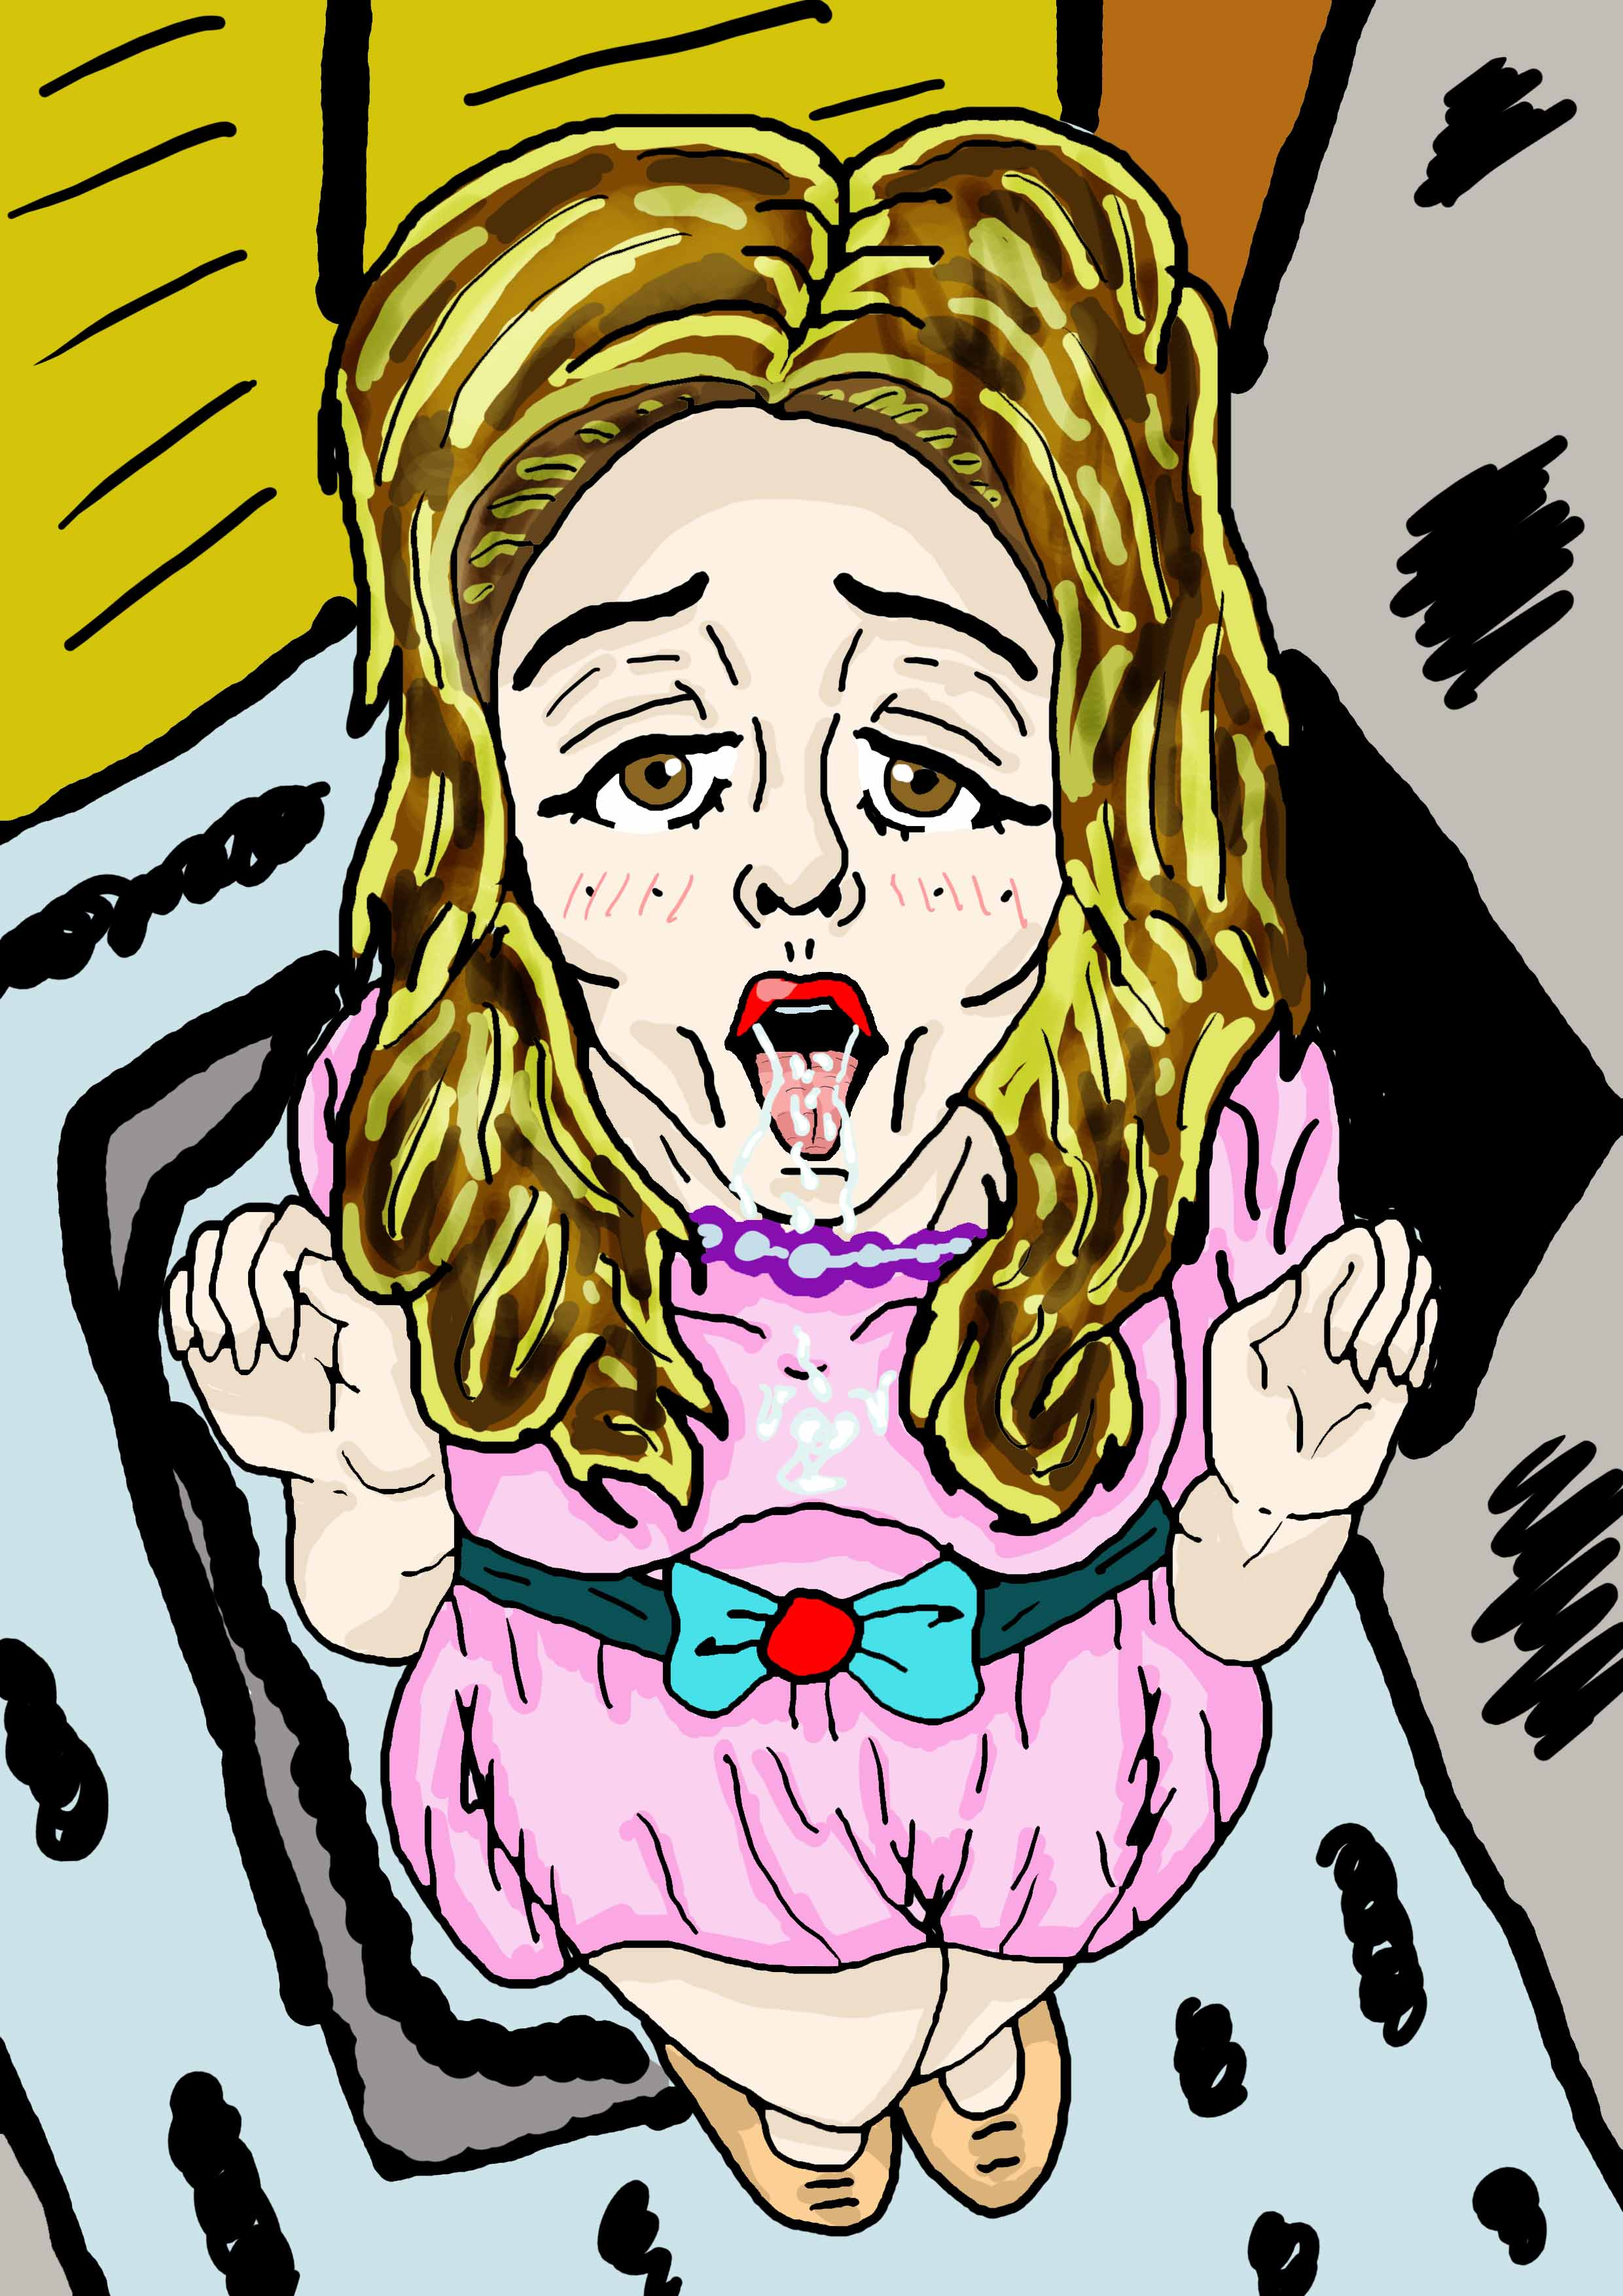 Paola Oliveira Estilo Hentai Manga